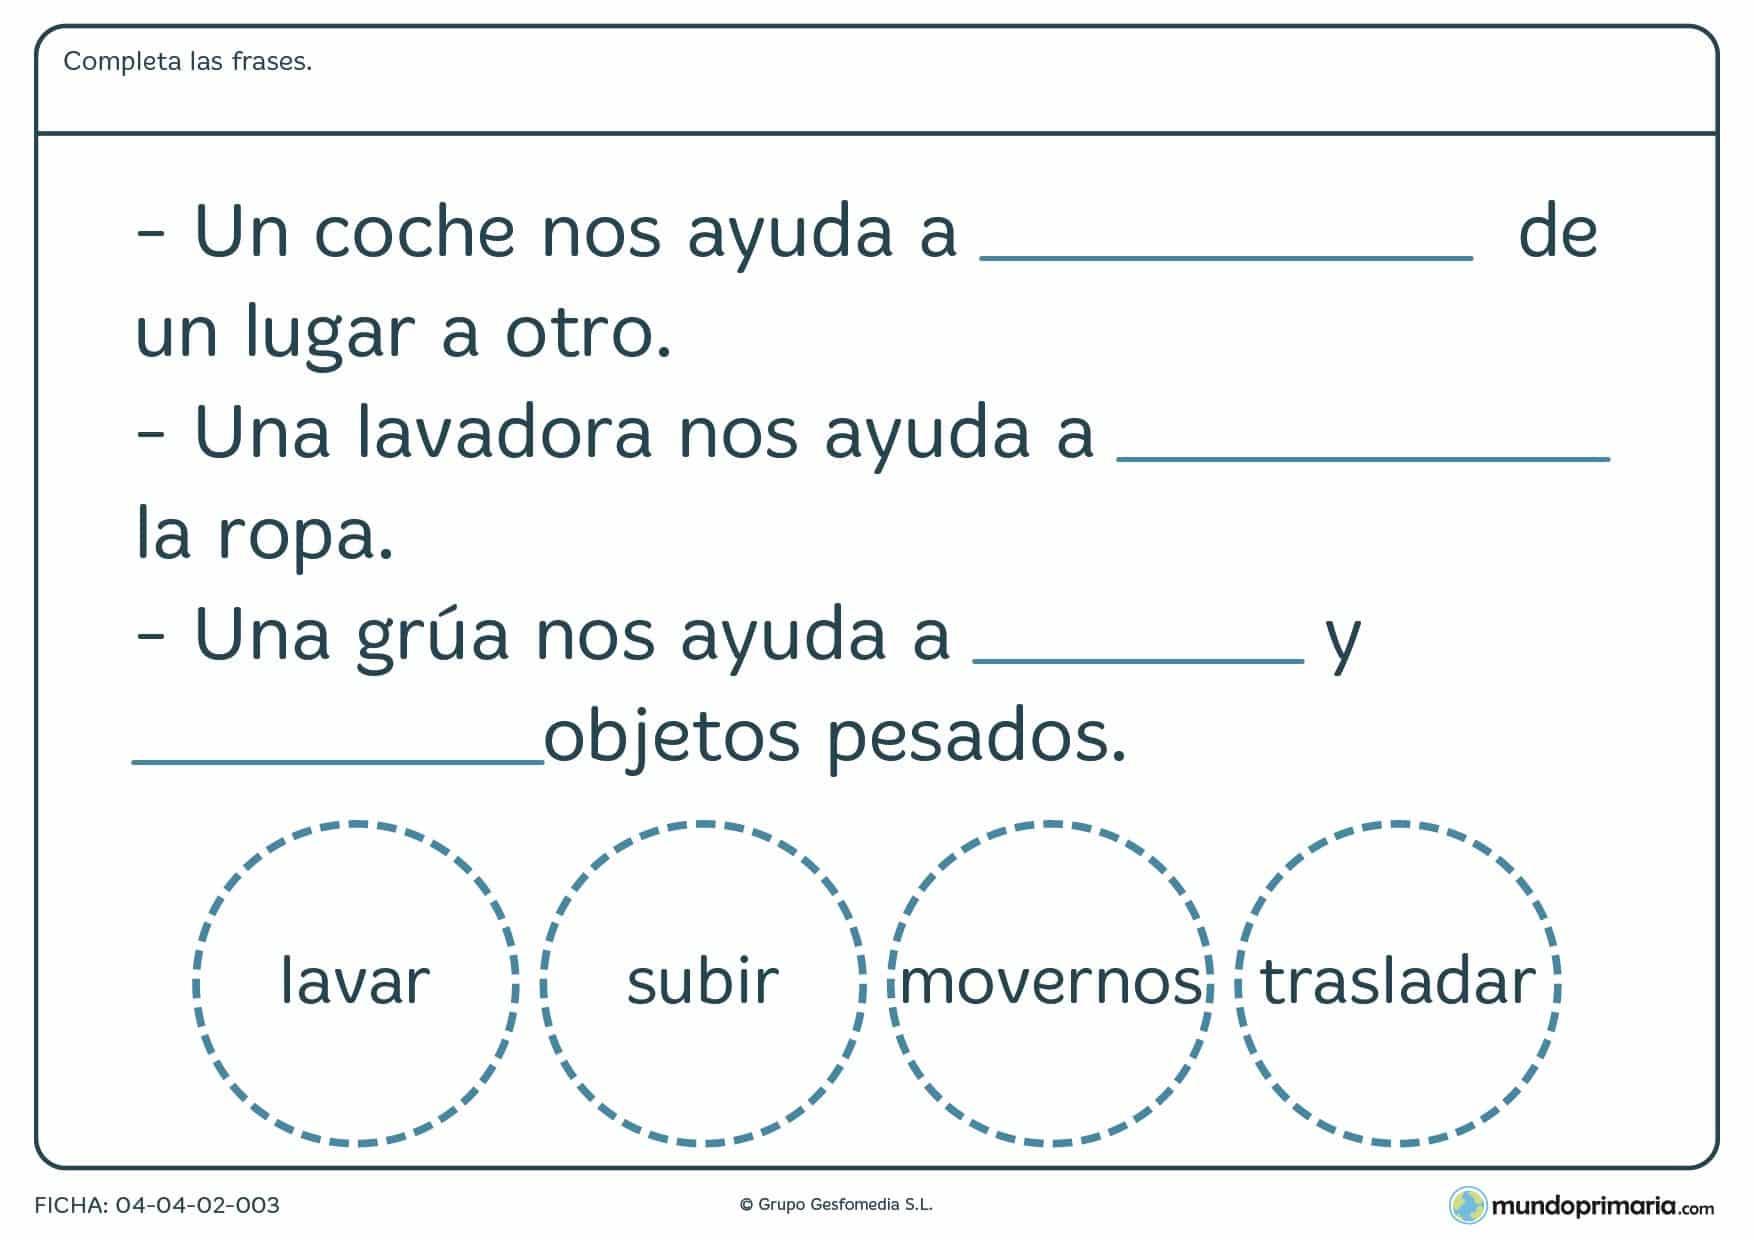 Ficha de funciones de máquinas en el que hay que completar las frases con el verbo correspondiente a la función de la máquina